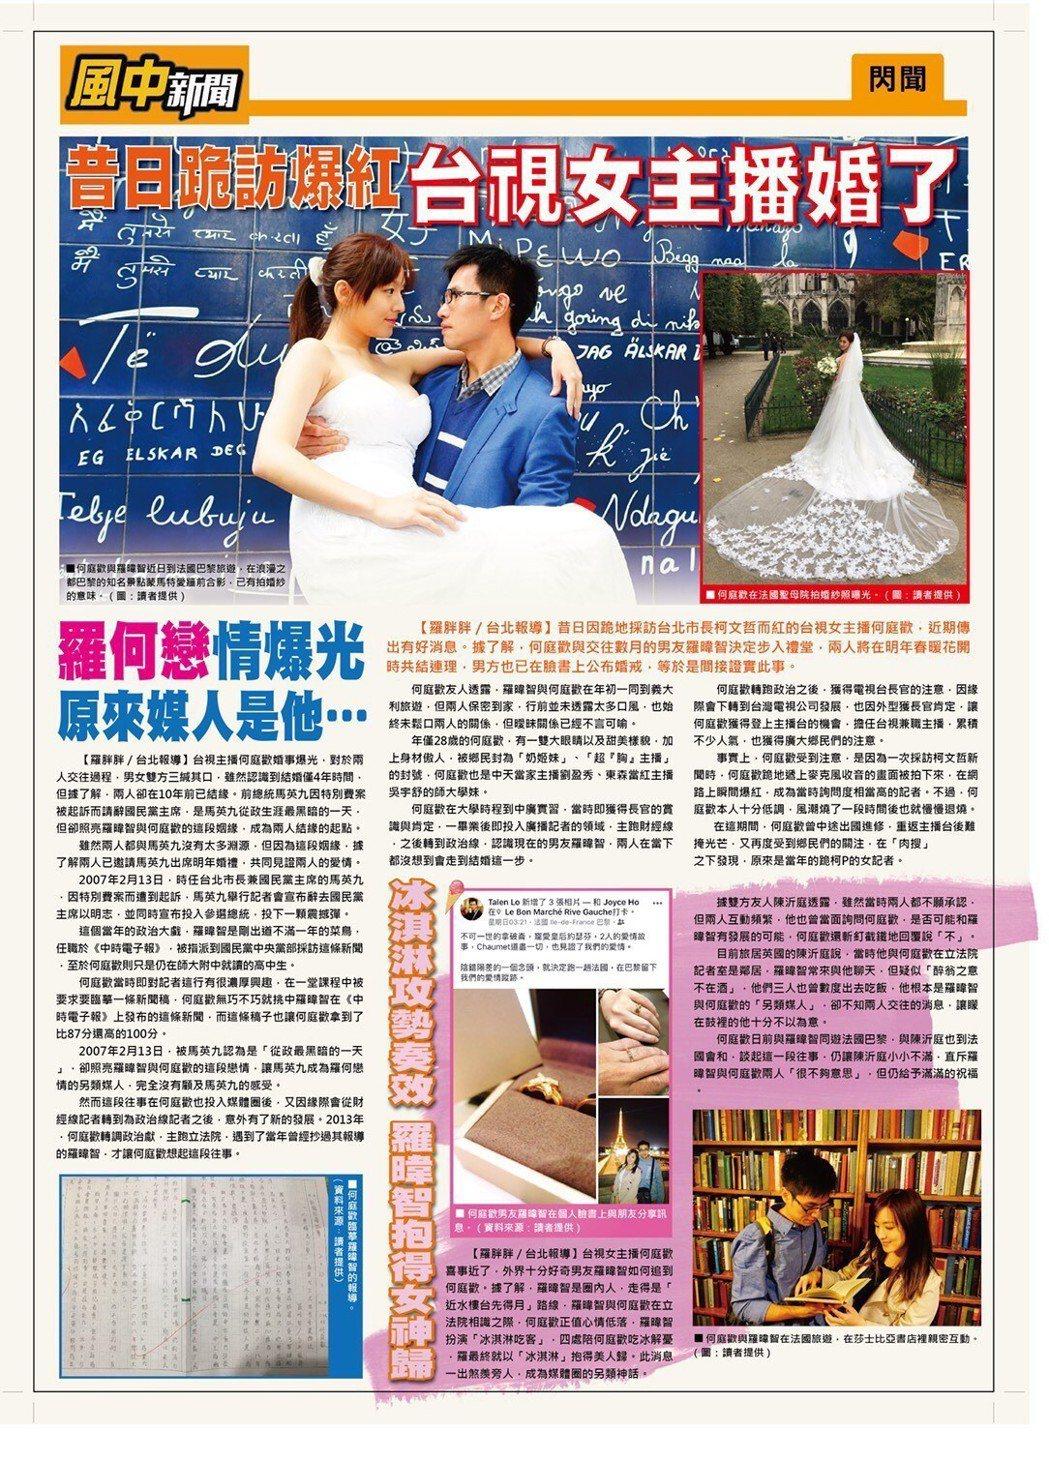 何庭歡老公把兩人的愛情故事寫成報導。圖/何庭歡提供